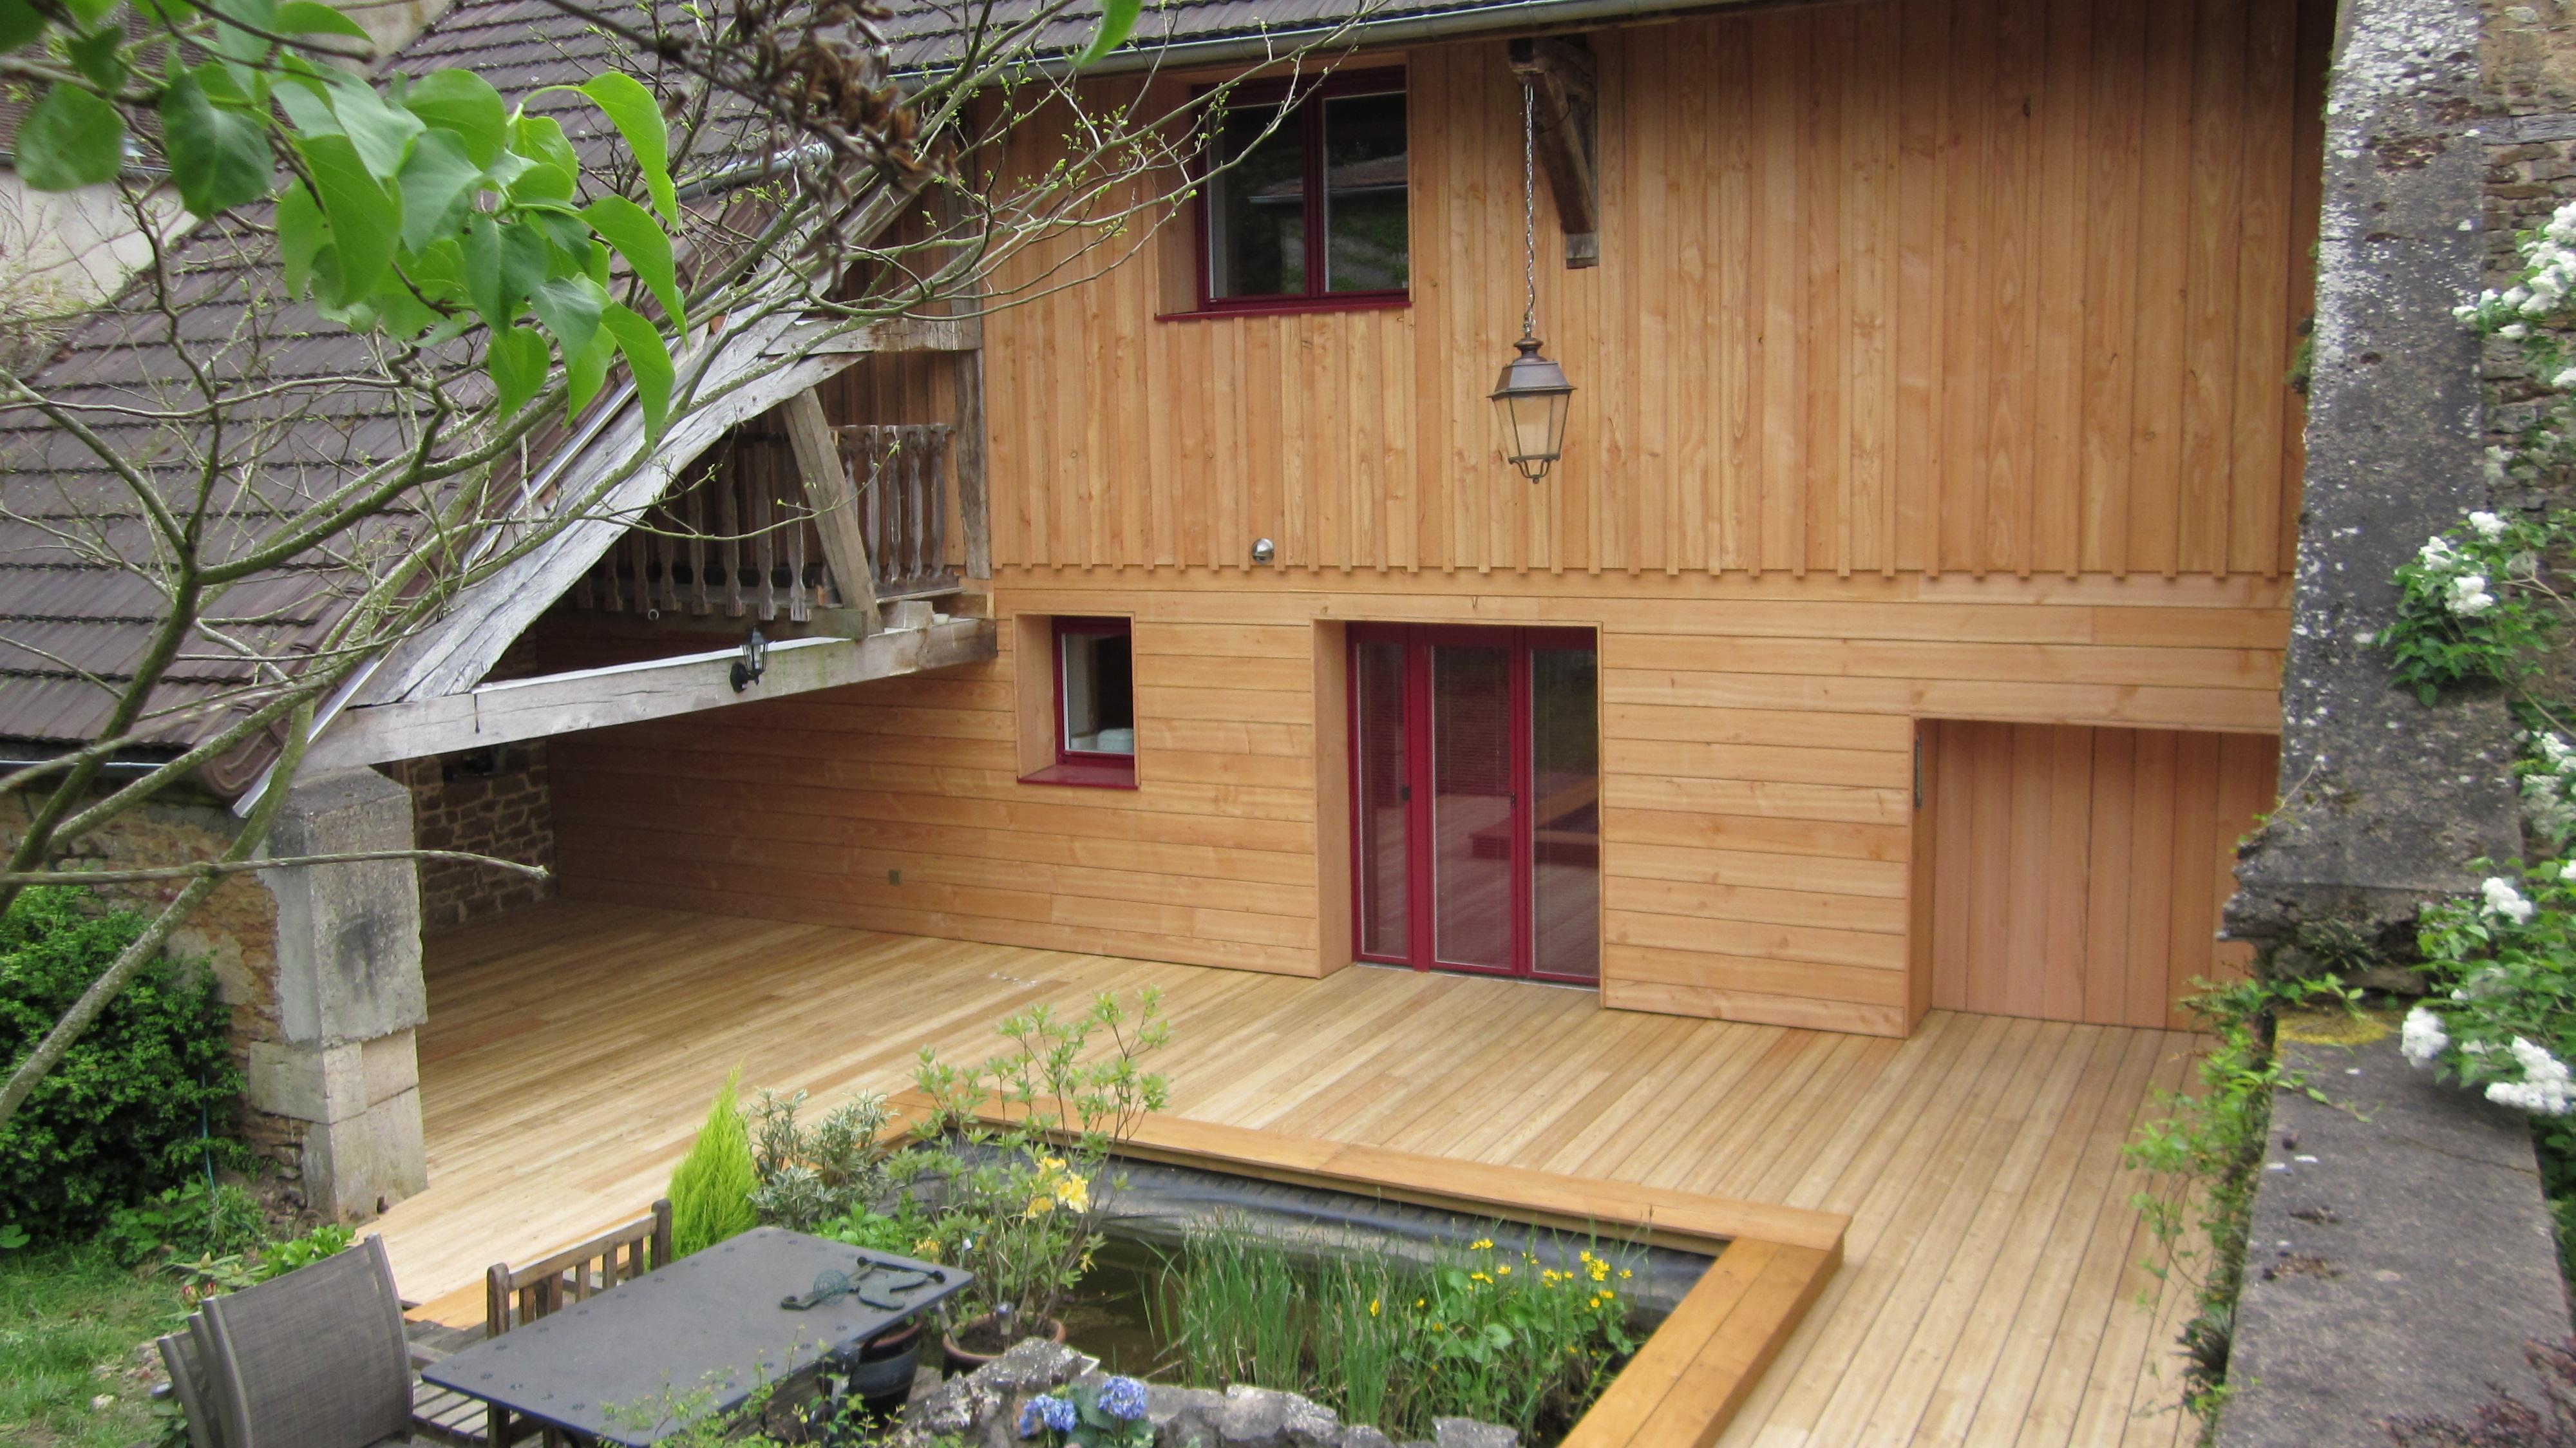 terrasse bois orientee nord diverses id es de conception de patio en bois pour. Black Bedroom Furniture Sets. Home Design Ideas